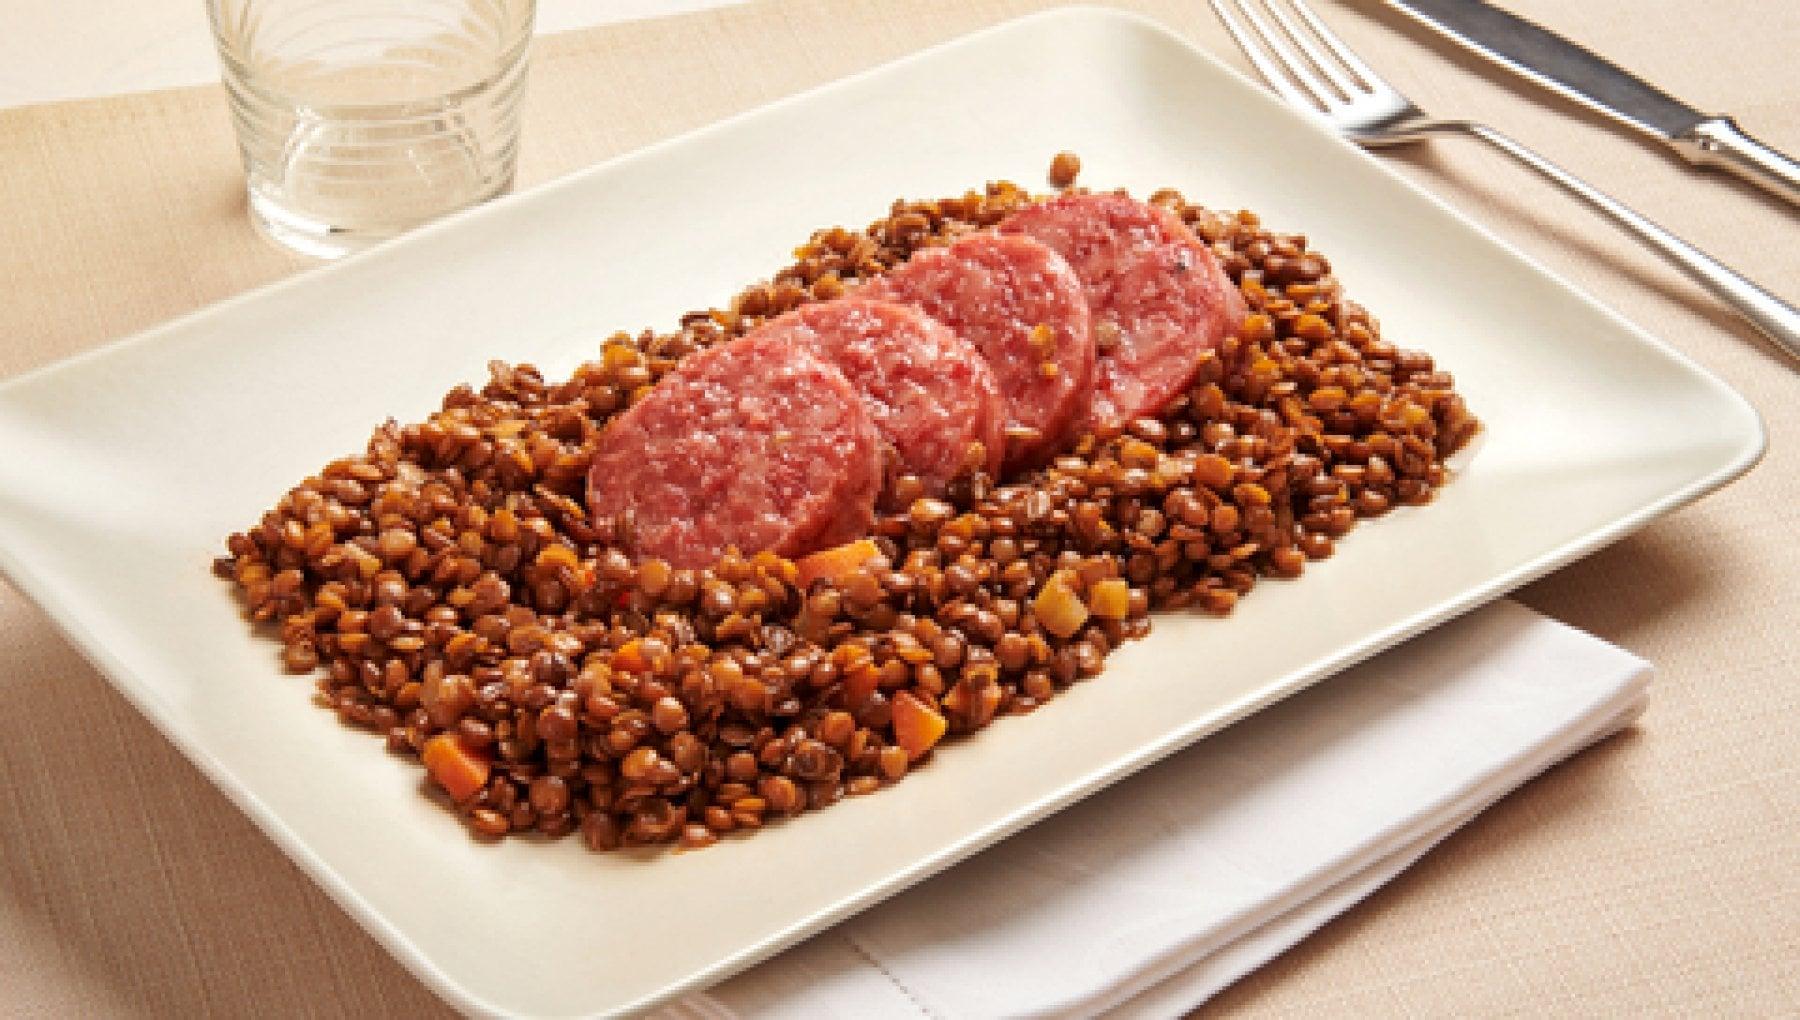 Capodanno lenticchie e cotechino ricetta consigli e tradizione dellabbinamento perfetto per salutare la mezzanotte